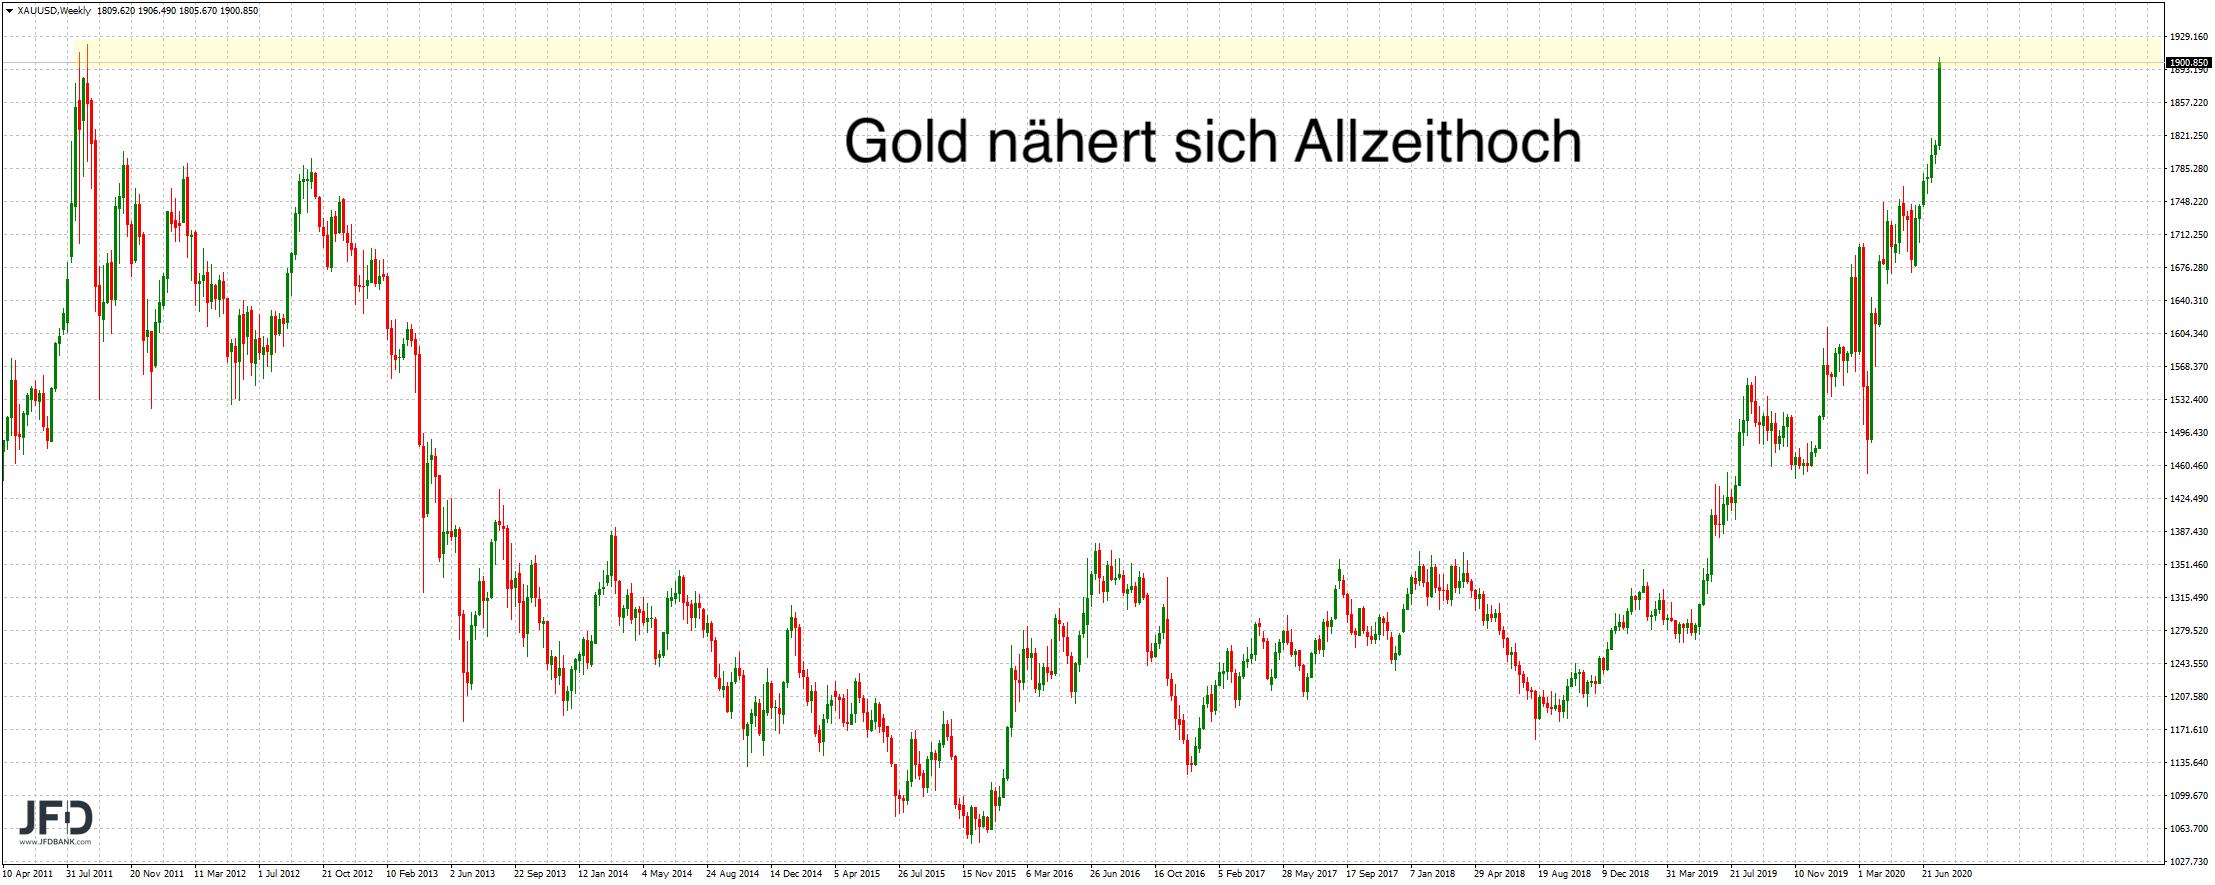 Goldpreis nahe den Allzeithochs von 2011